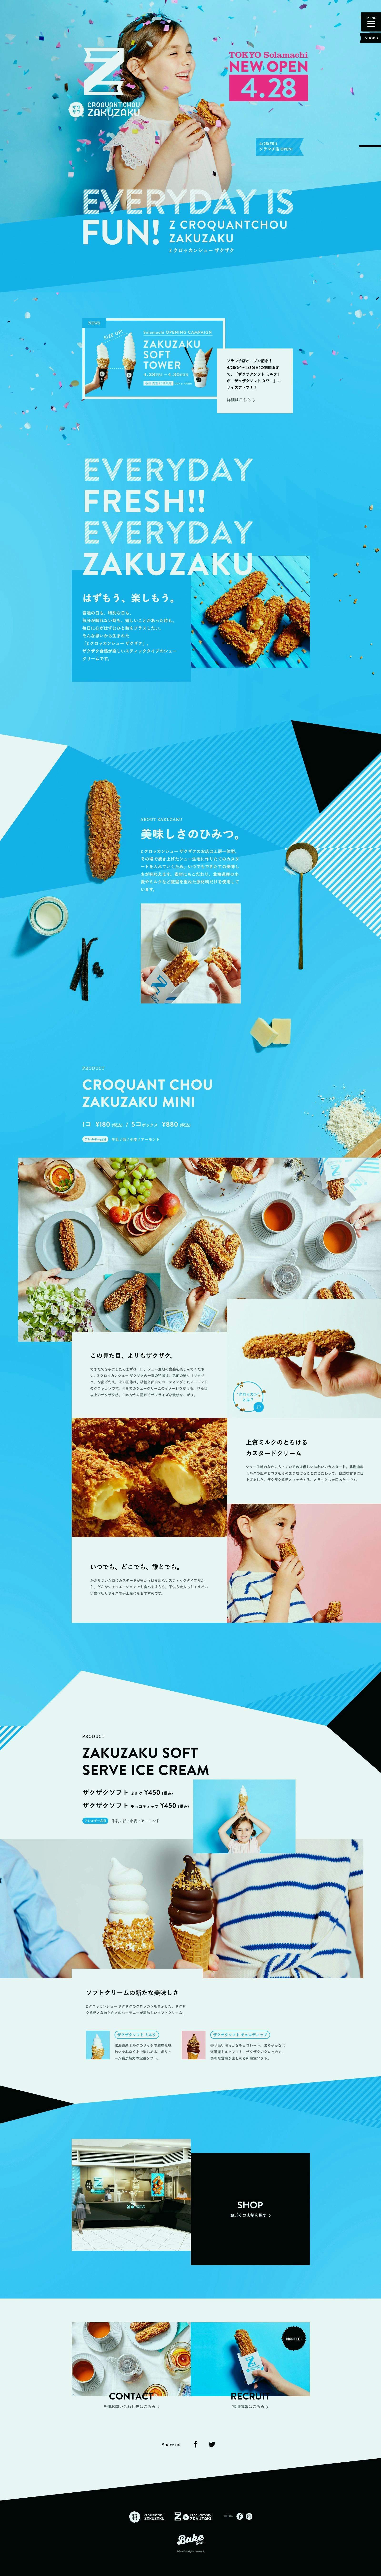 Du Bruit Dans La Cuisine Catalogue En Ligne Impressionnant Photos Du Bruit Dans La Cuisine Catalogue Meilleur De Cuisine En Pin Ikea